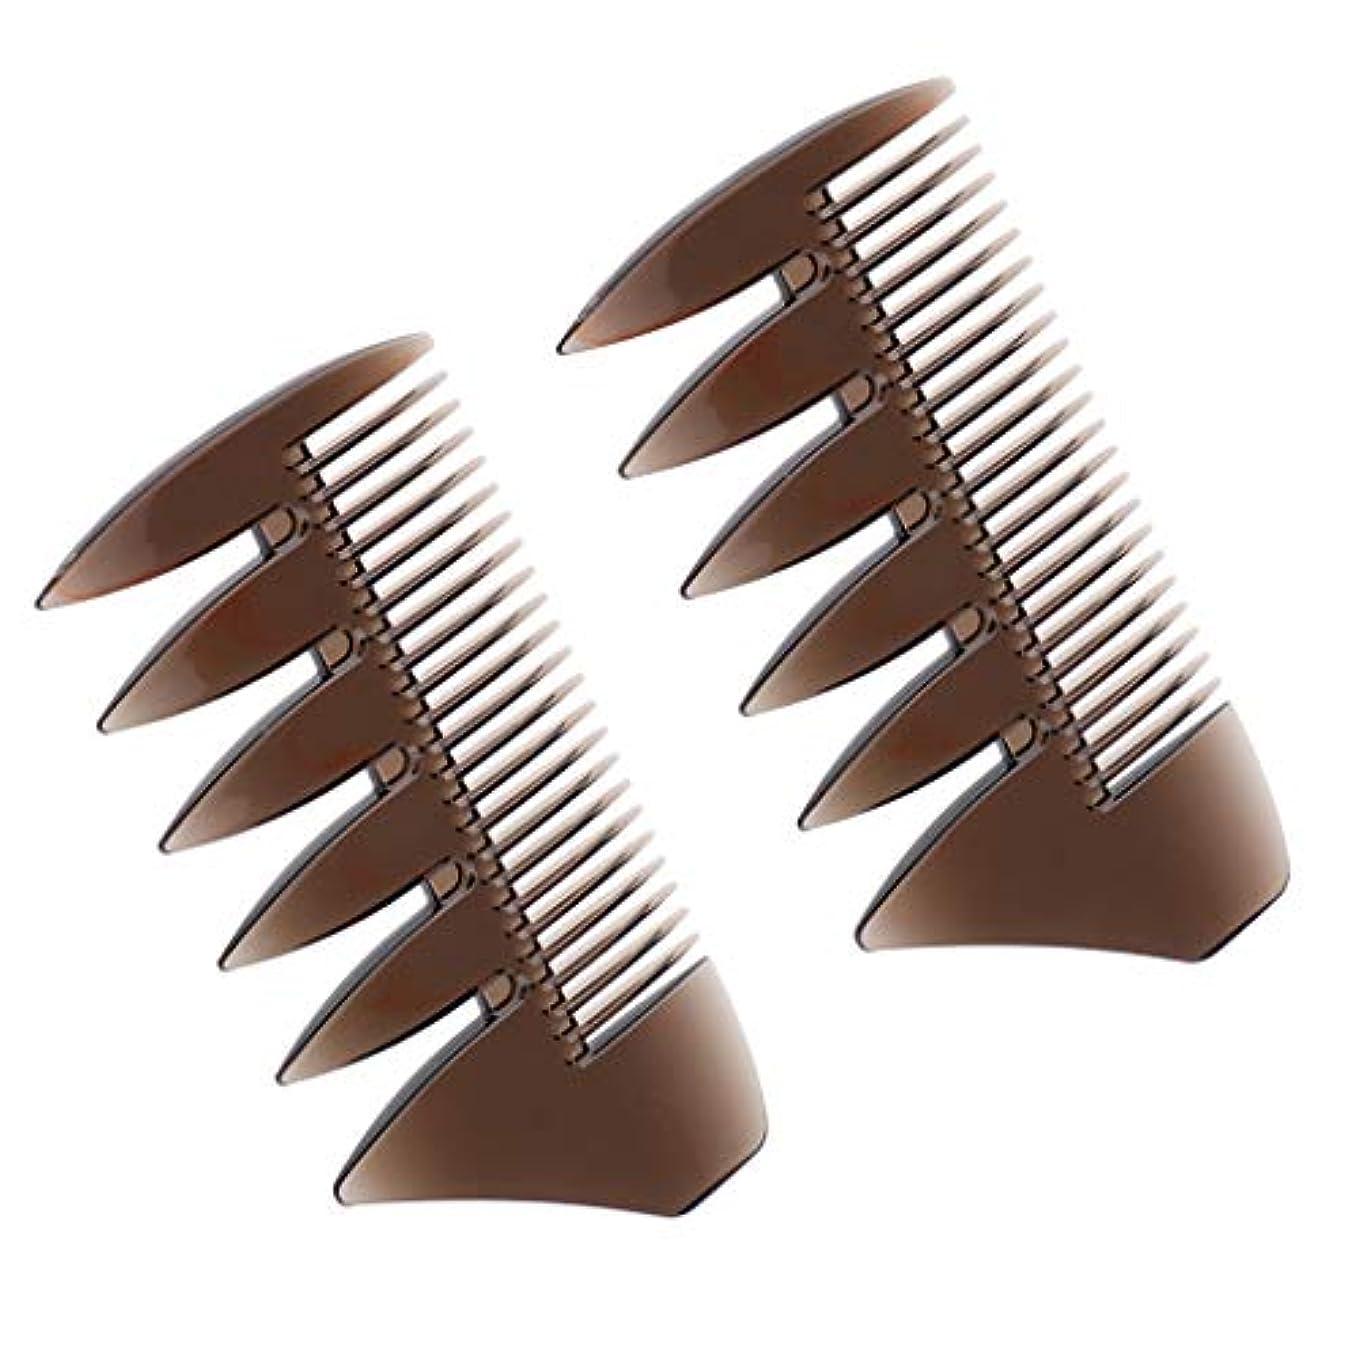 前提条件暴露するブランド名Perfeclan メンズコーム 粗め 携帯 2個セット あらめ ブラシ 櫛 静電気防止